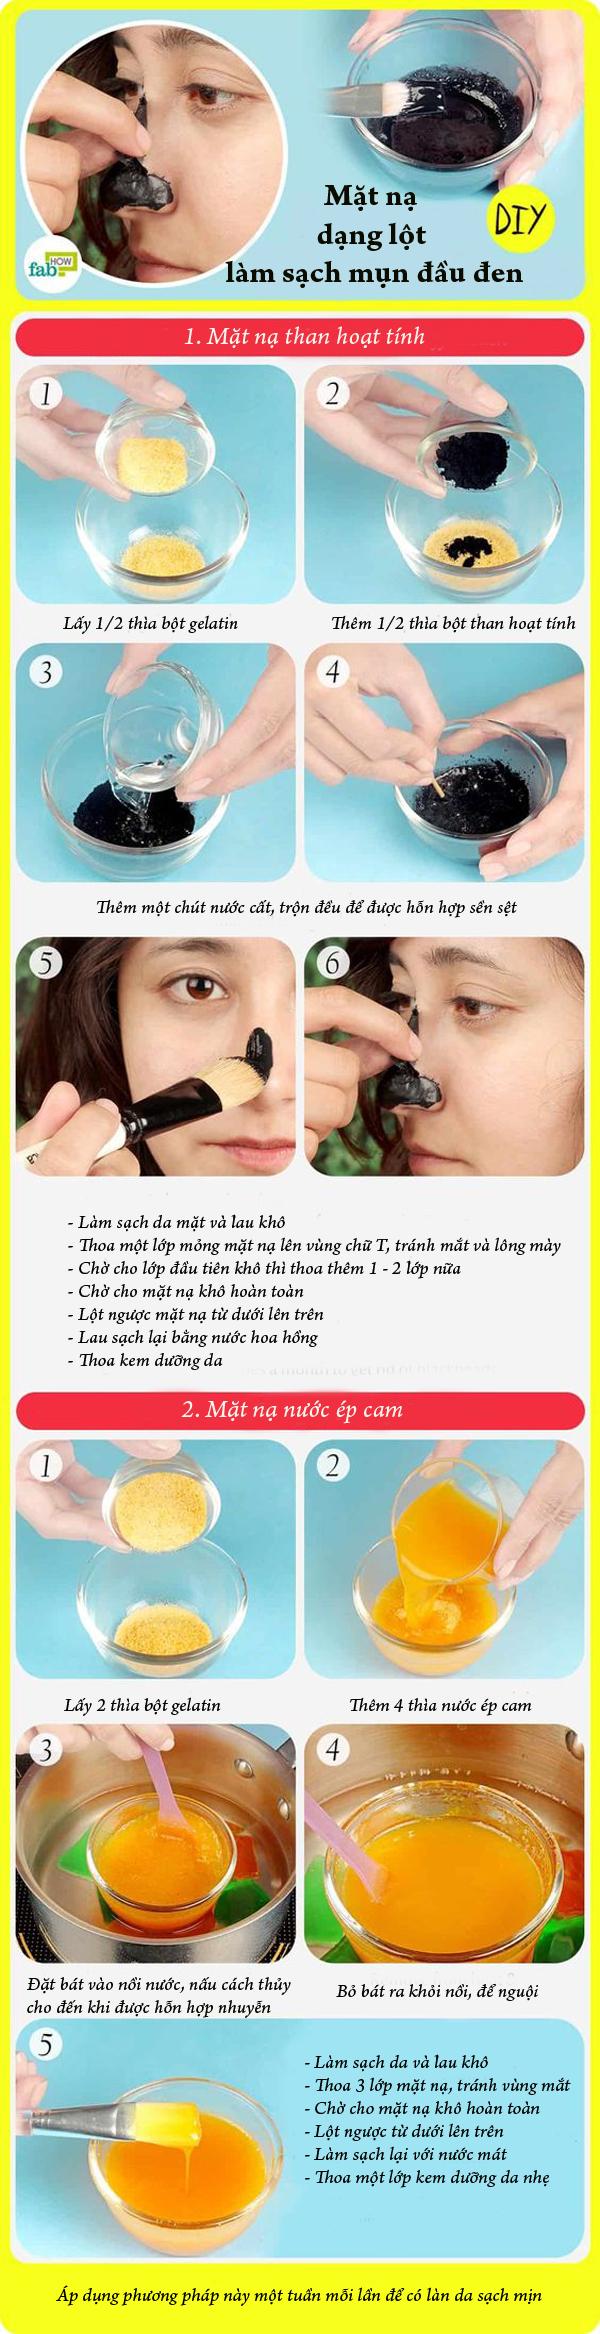 2 loại mặt nạ dạng lột giúp làm sạch mụn đầu đen - Ảnh 1